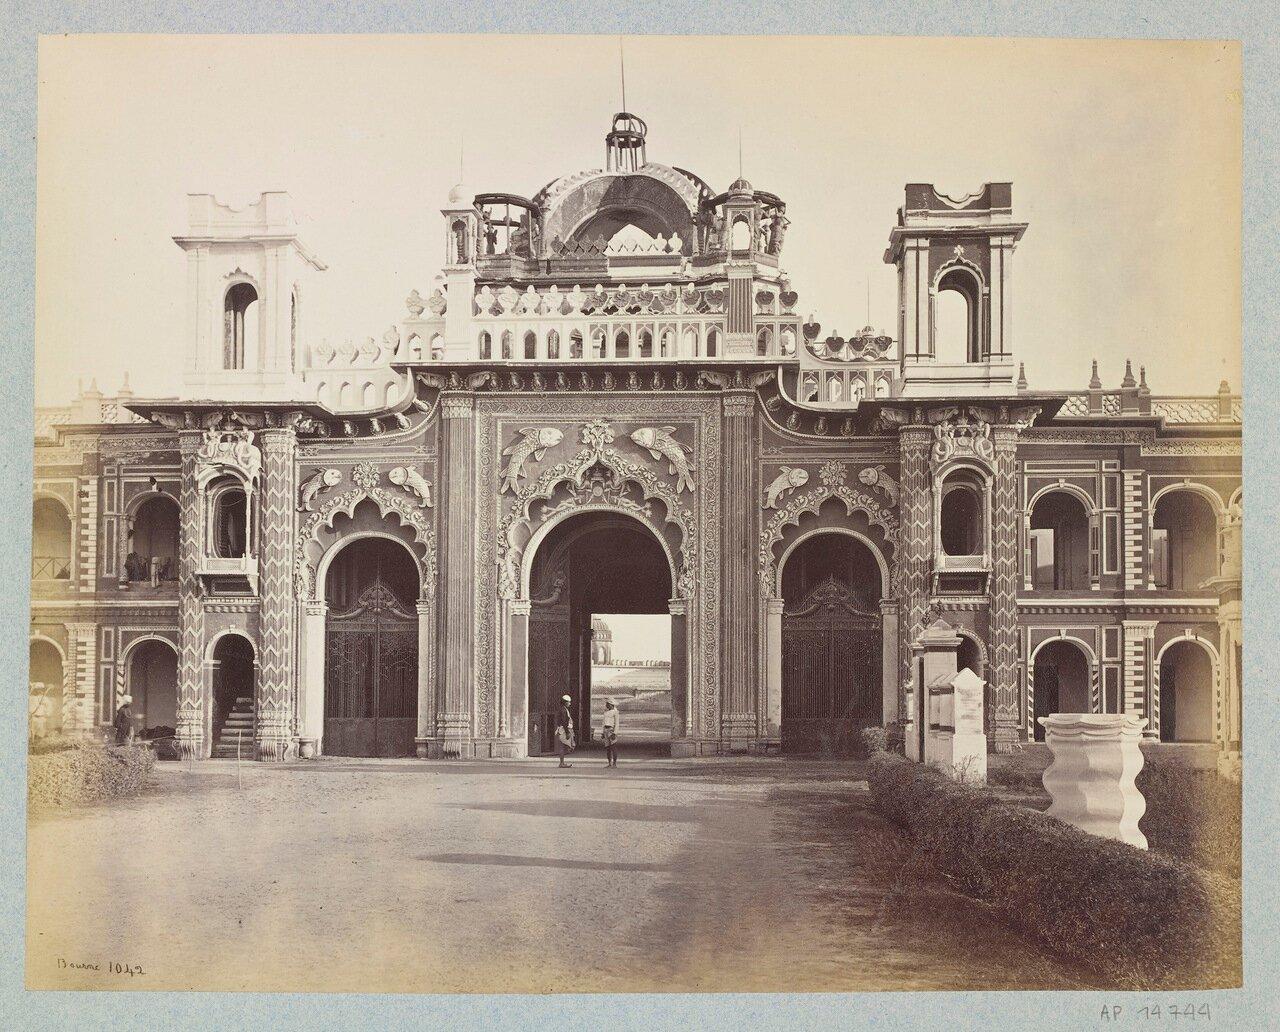 Западные врата дворца Кайсар Бах. 1864 г.